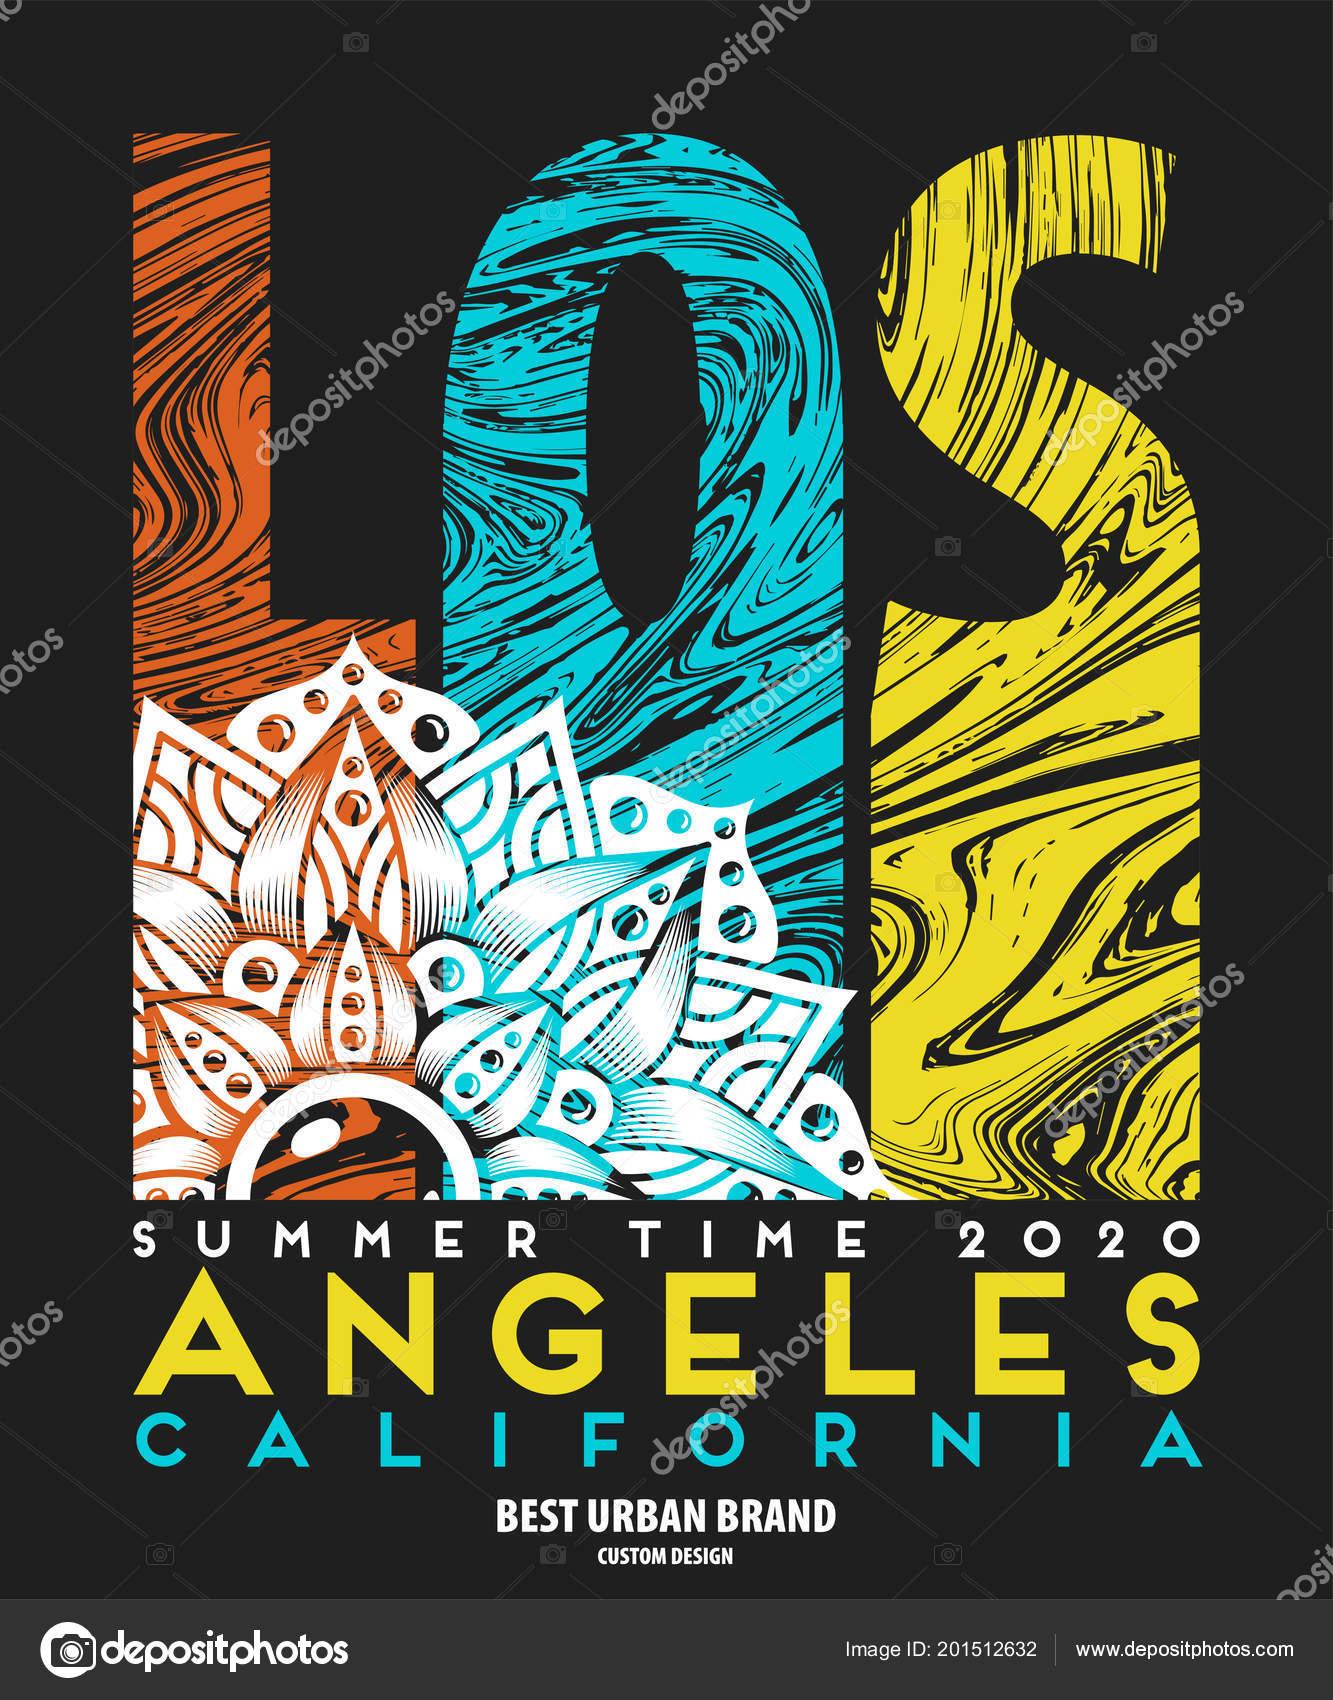 22a696e7e4c9b Ilustración de vector sobre el tema de jinete de surf y surf en California  — Archivo